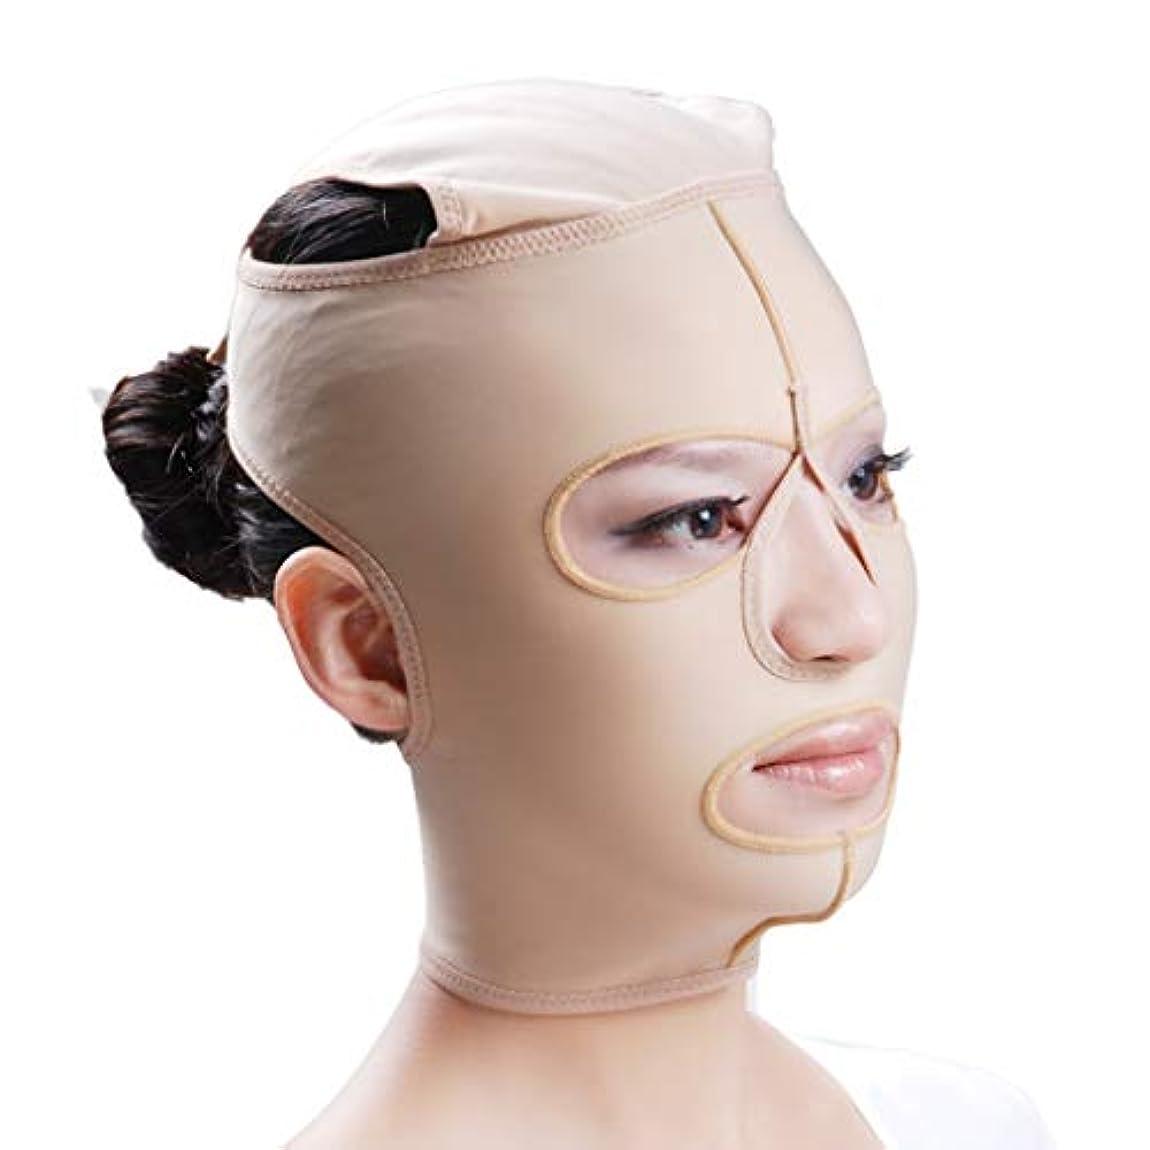 兄即席柔和LJK フェイスリフトマスク、フルフェイスマスク医療グレード圧力フェイスダブルチンプラスチック脂肪吸引術弾性包帯ヘッドギア後の顔の脂肪吸引術 (Size : M)